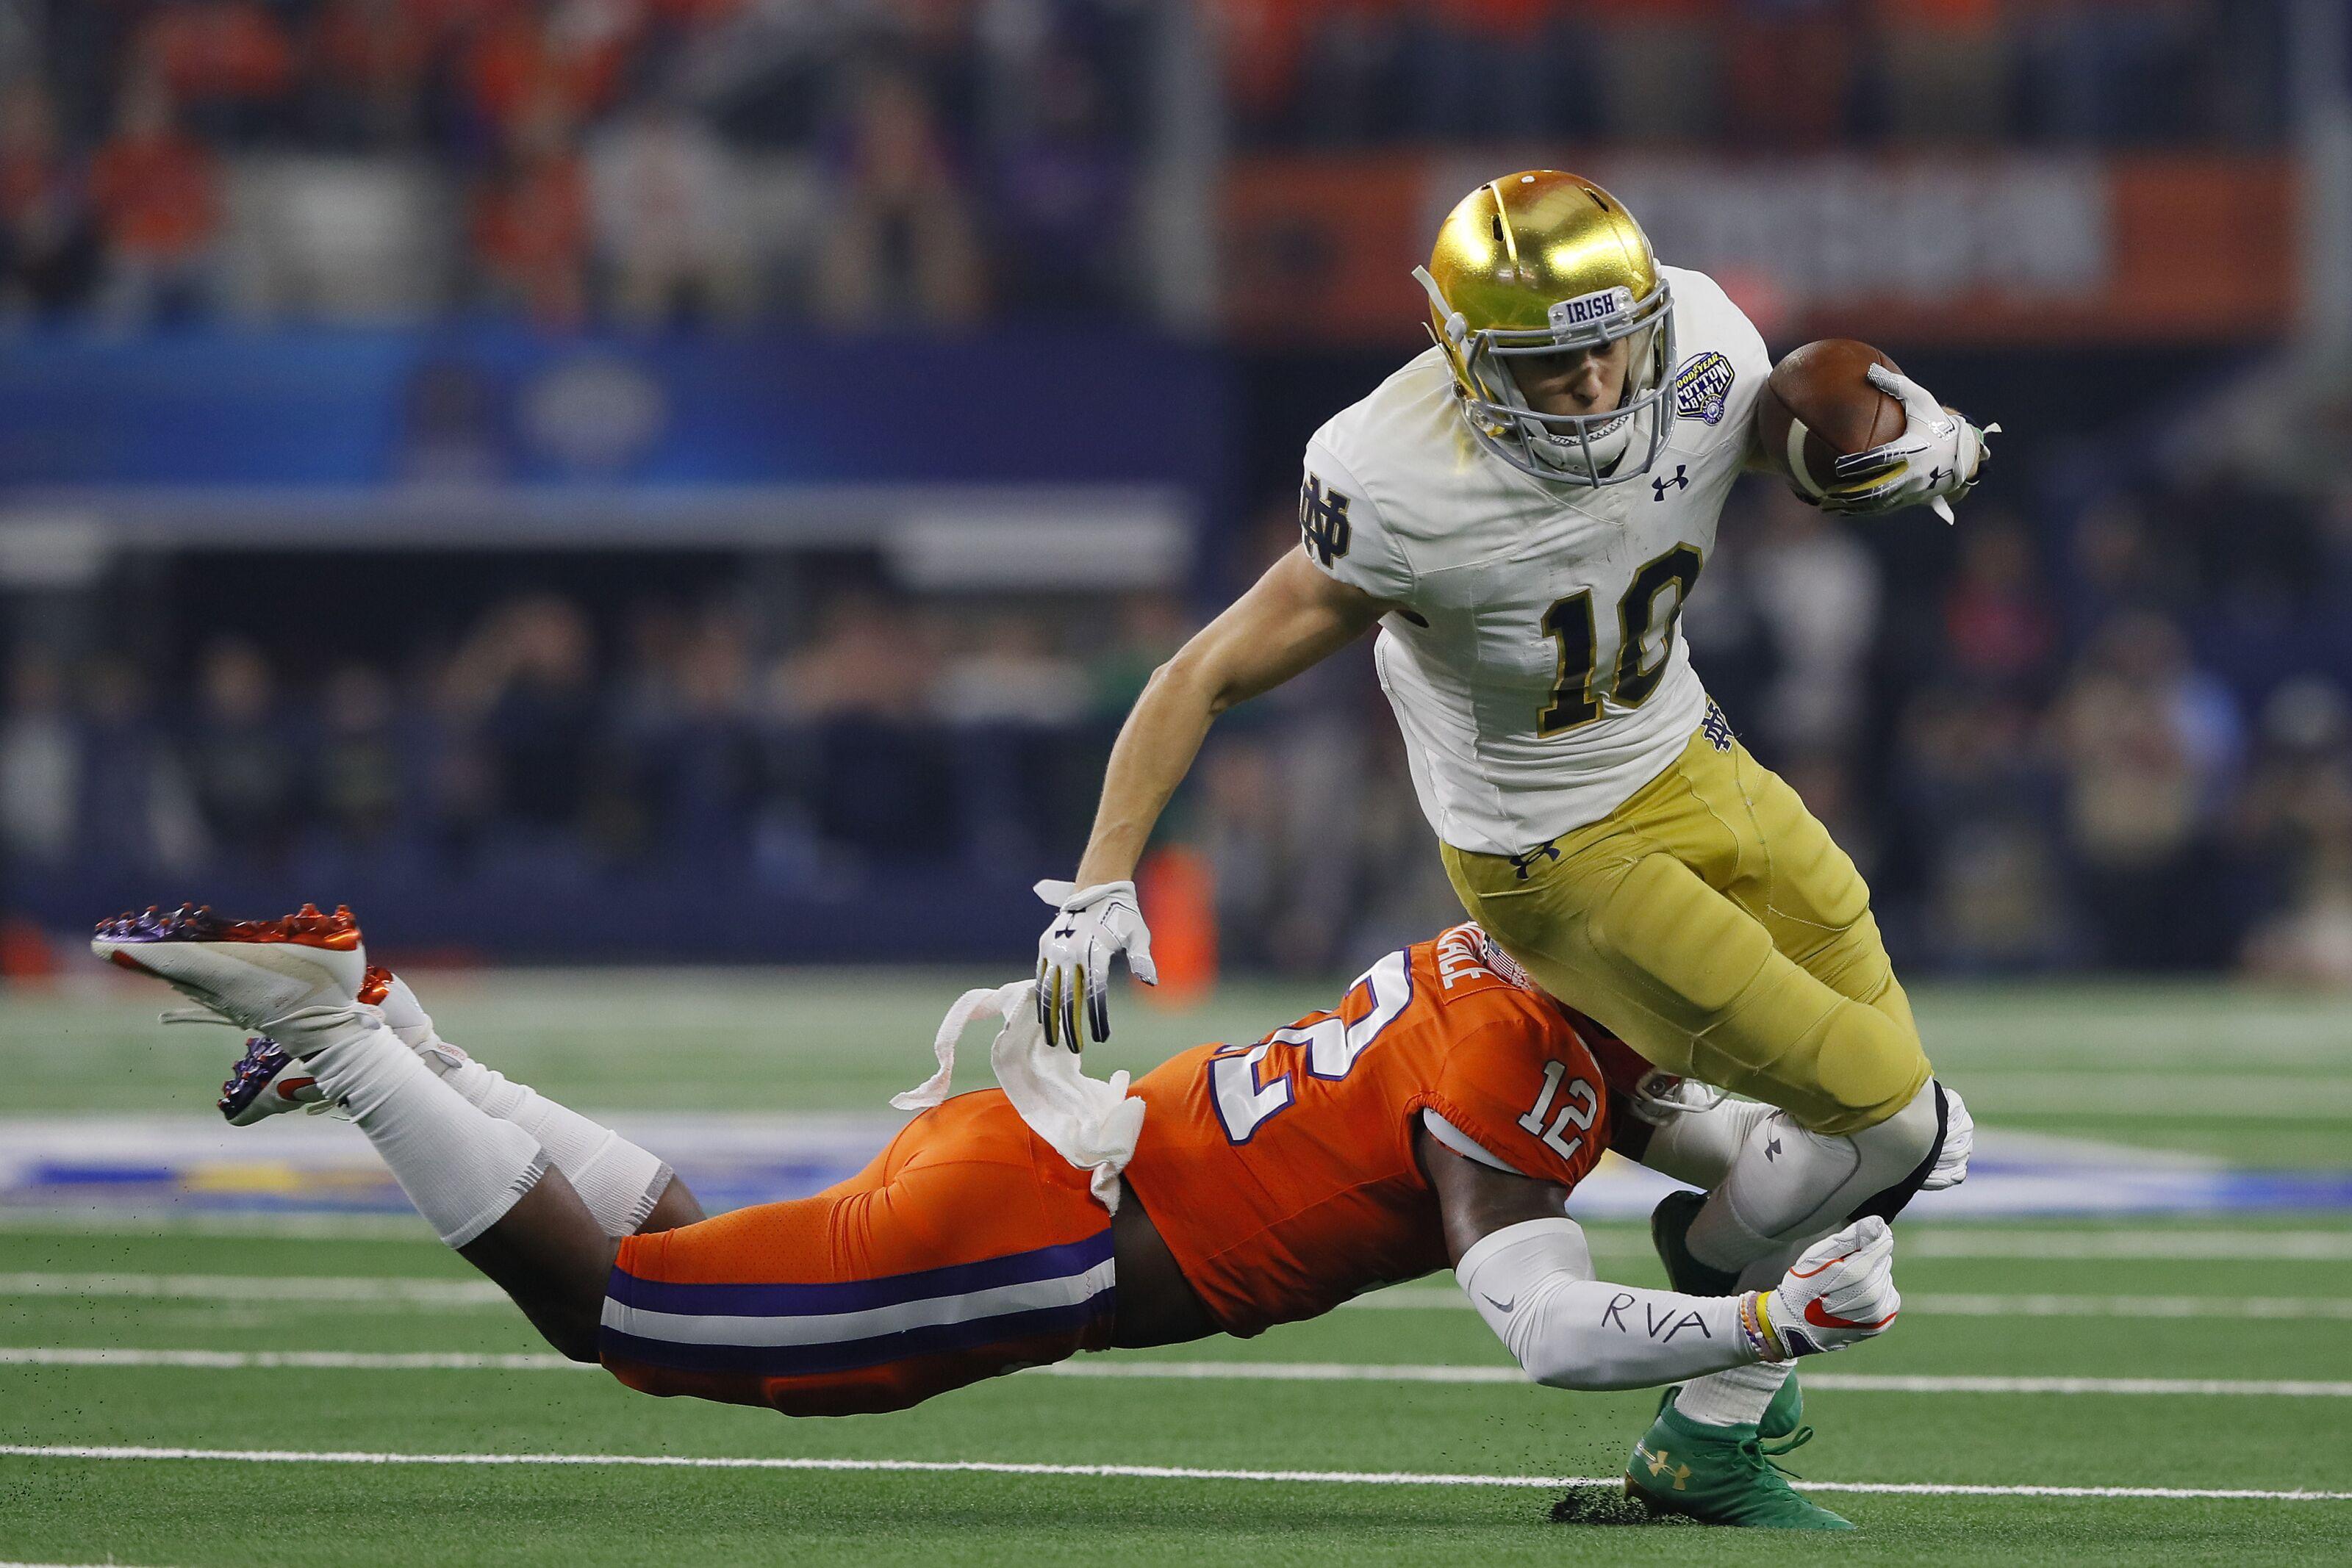 Notre Dame Football: Finke, Claypool snubbed on Biletnikoff Watch List